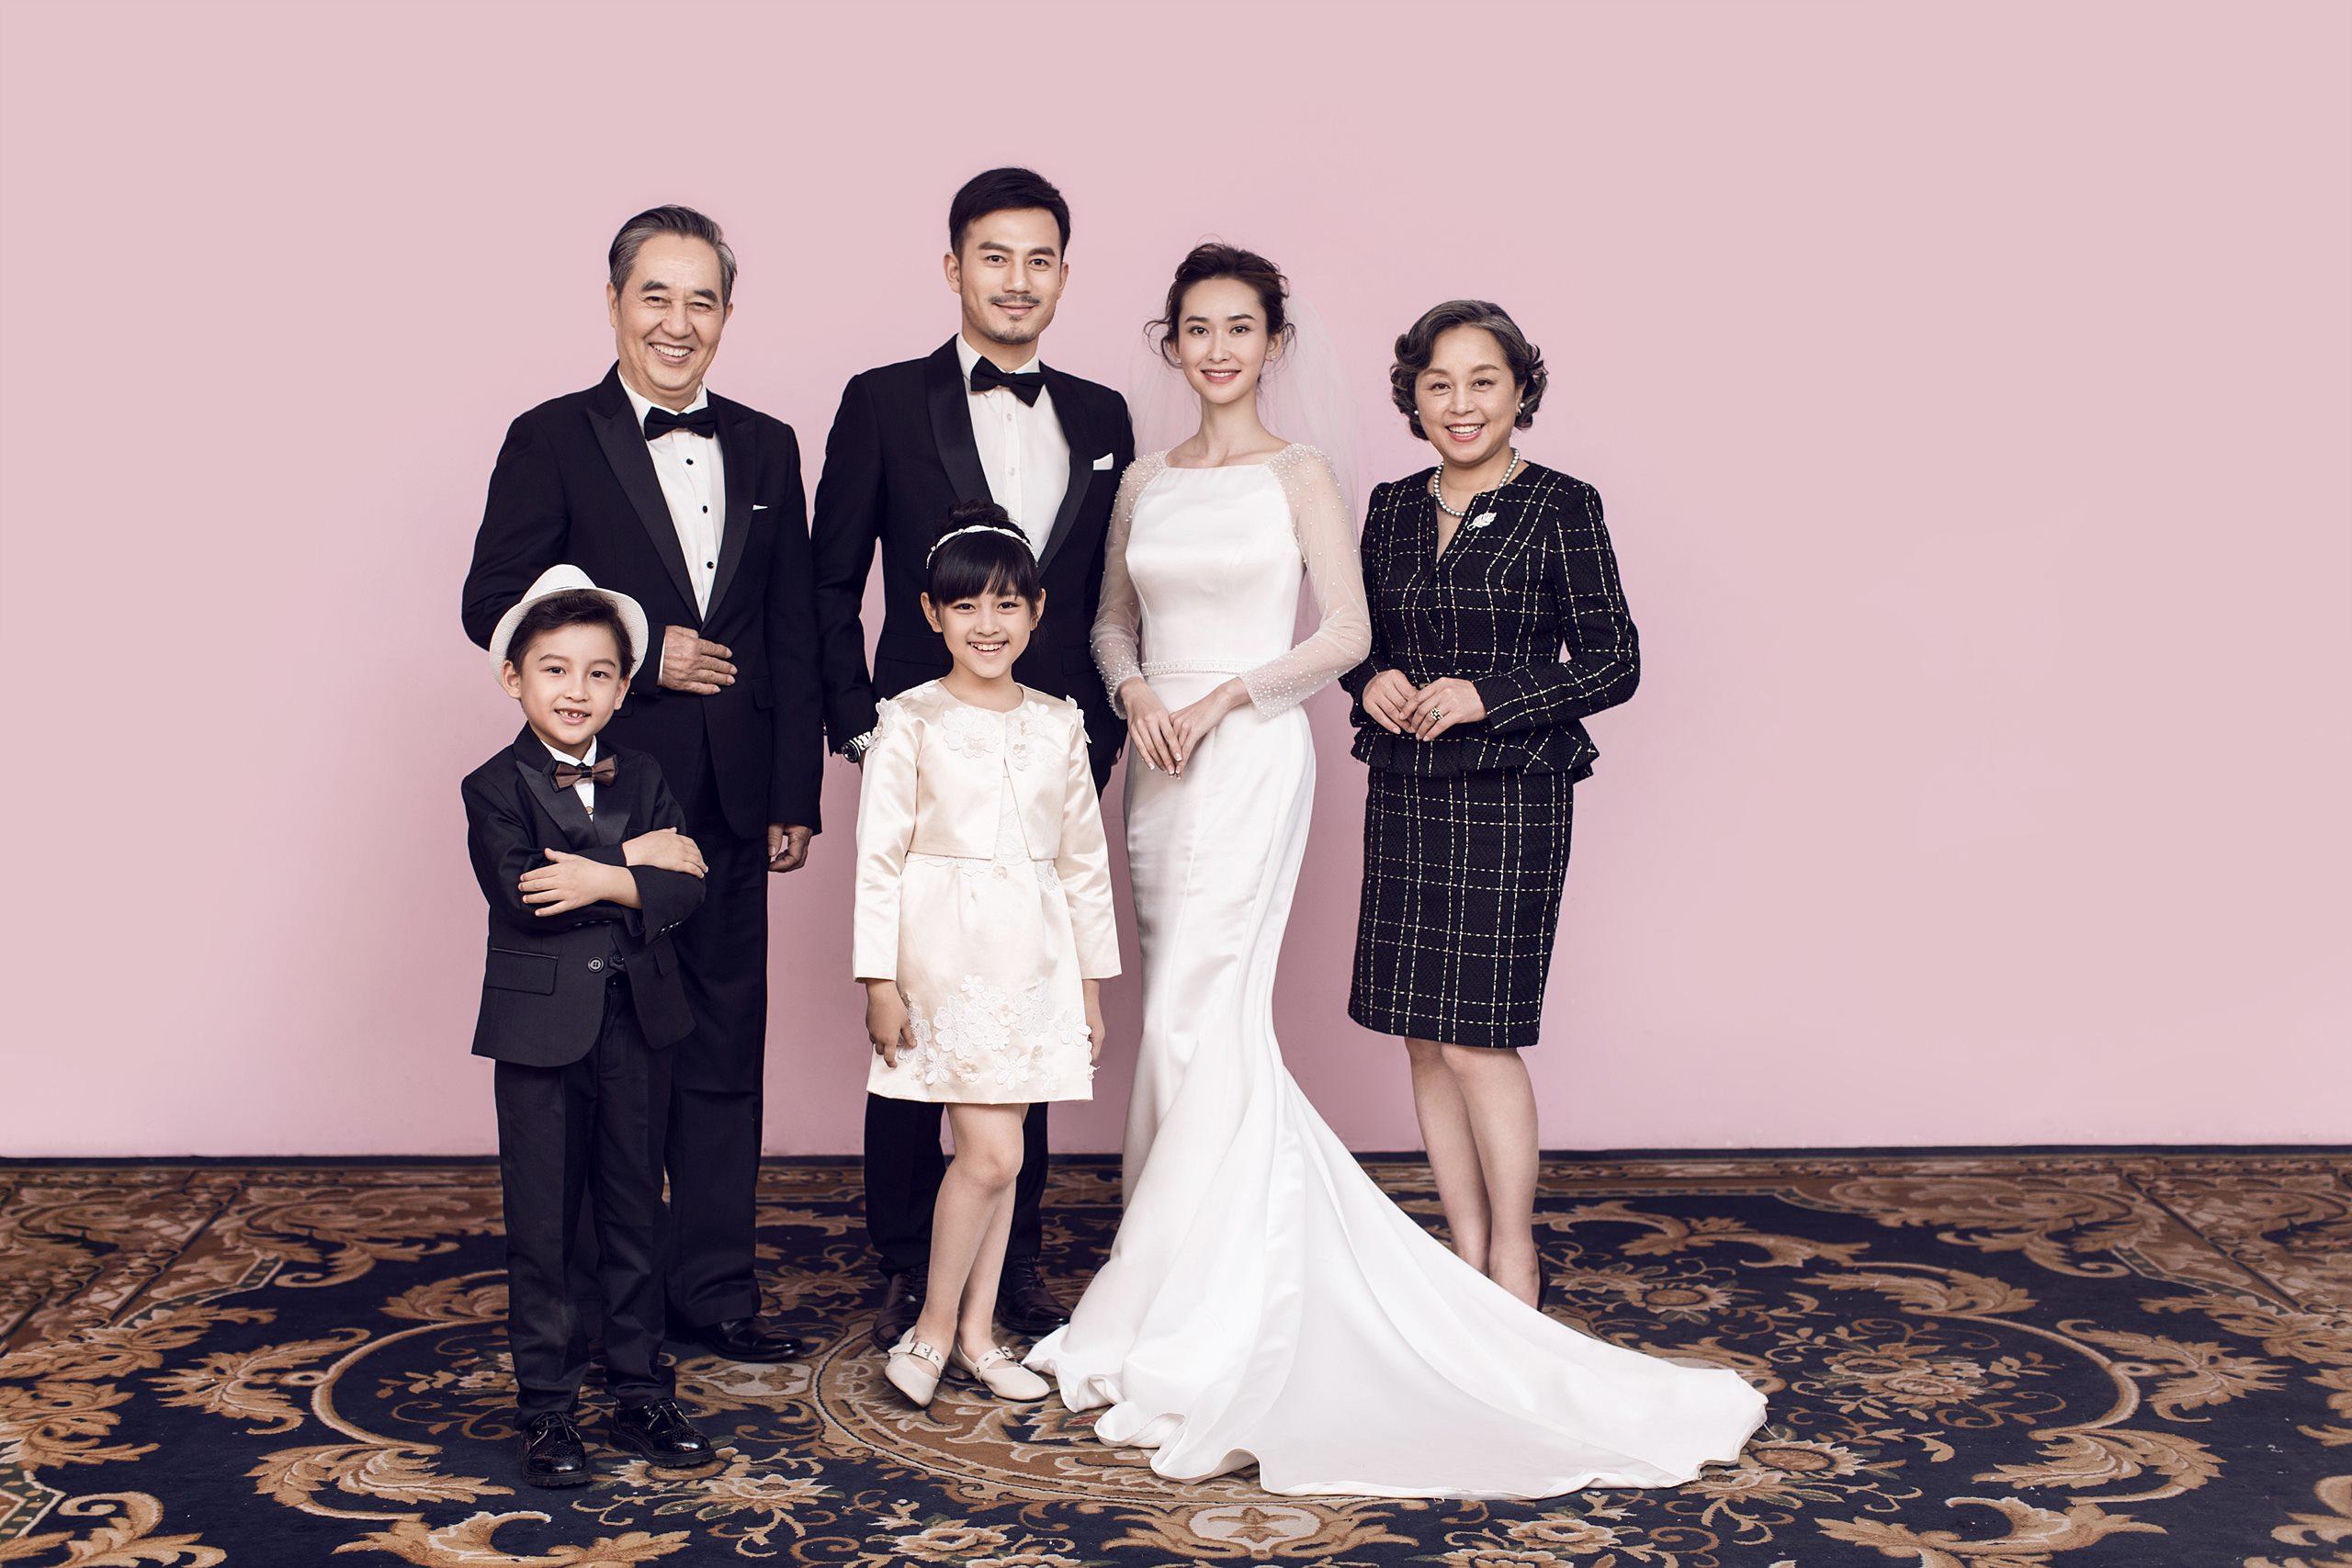 深圳天长地久婚纱摄影|中国十大杰出婚纱影楼-拍婚纱